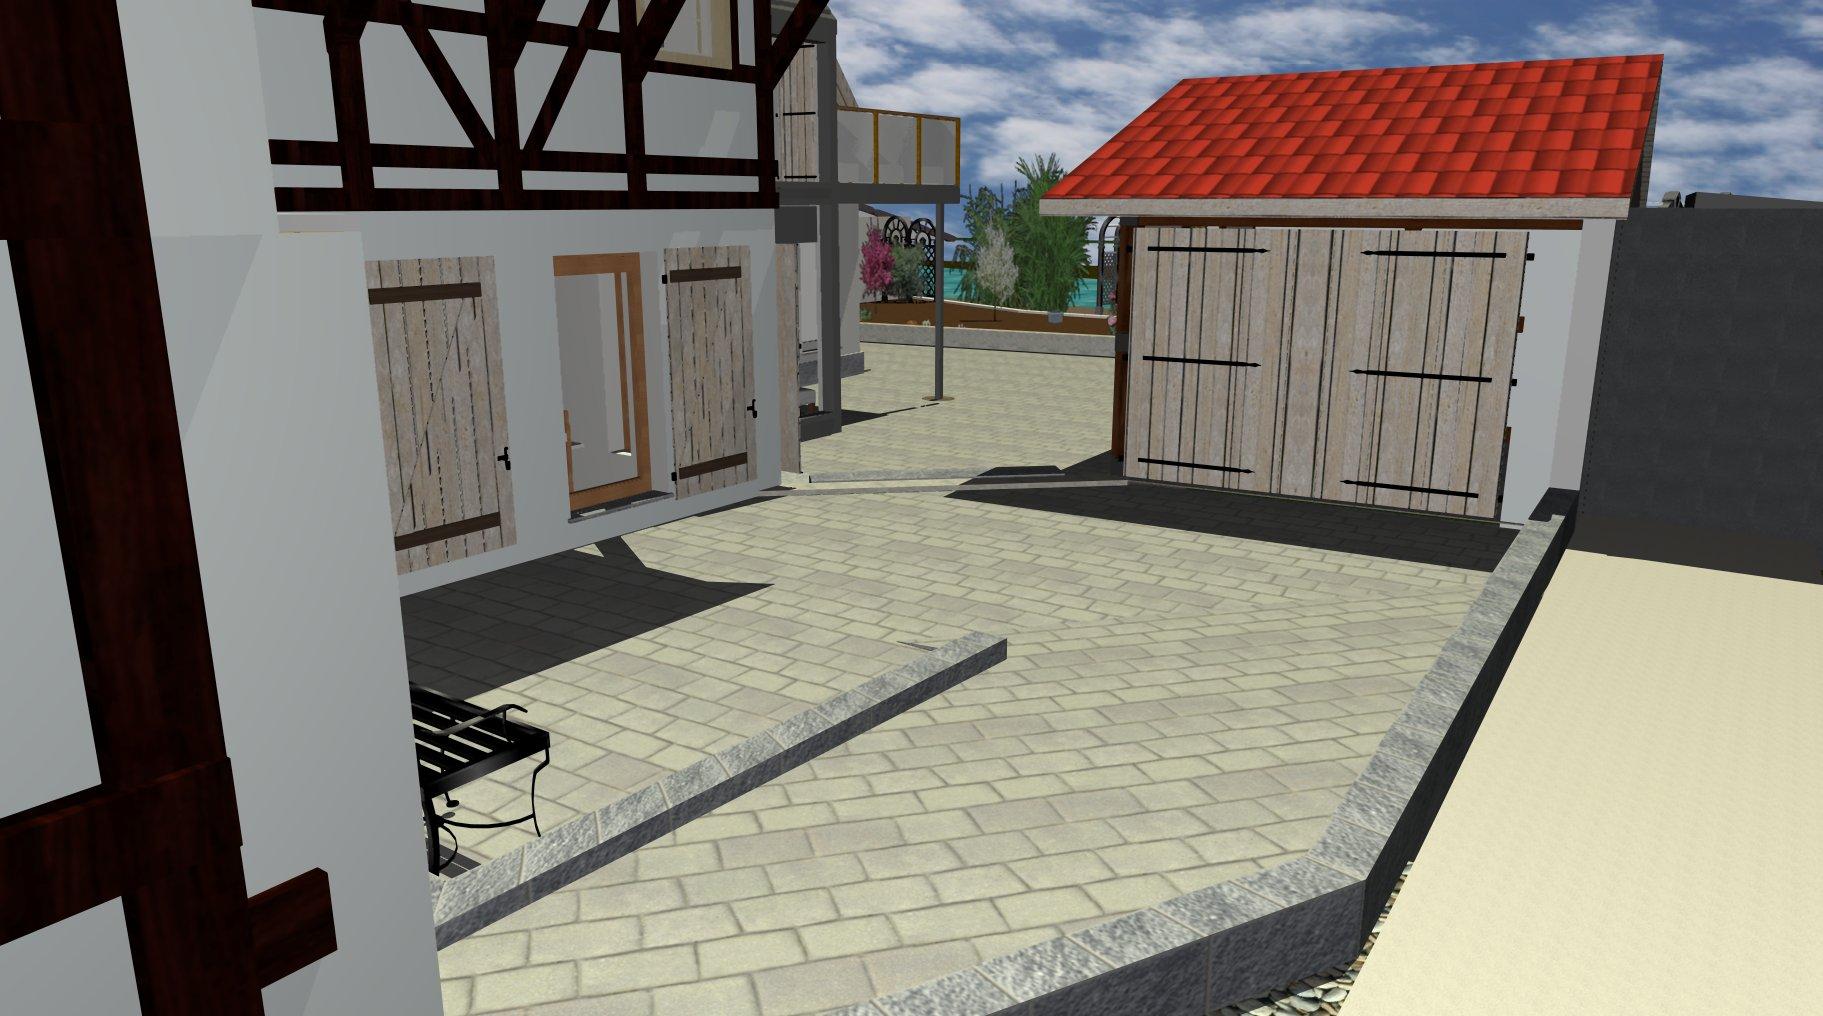 Der Carport als Hommage an den alten Schweinestall nimmt etwa ein Viertel des ursprünglichen Gebäudes ein.